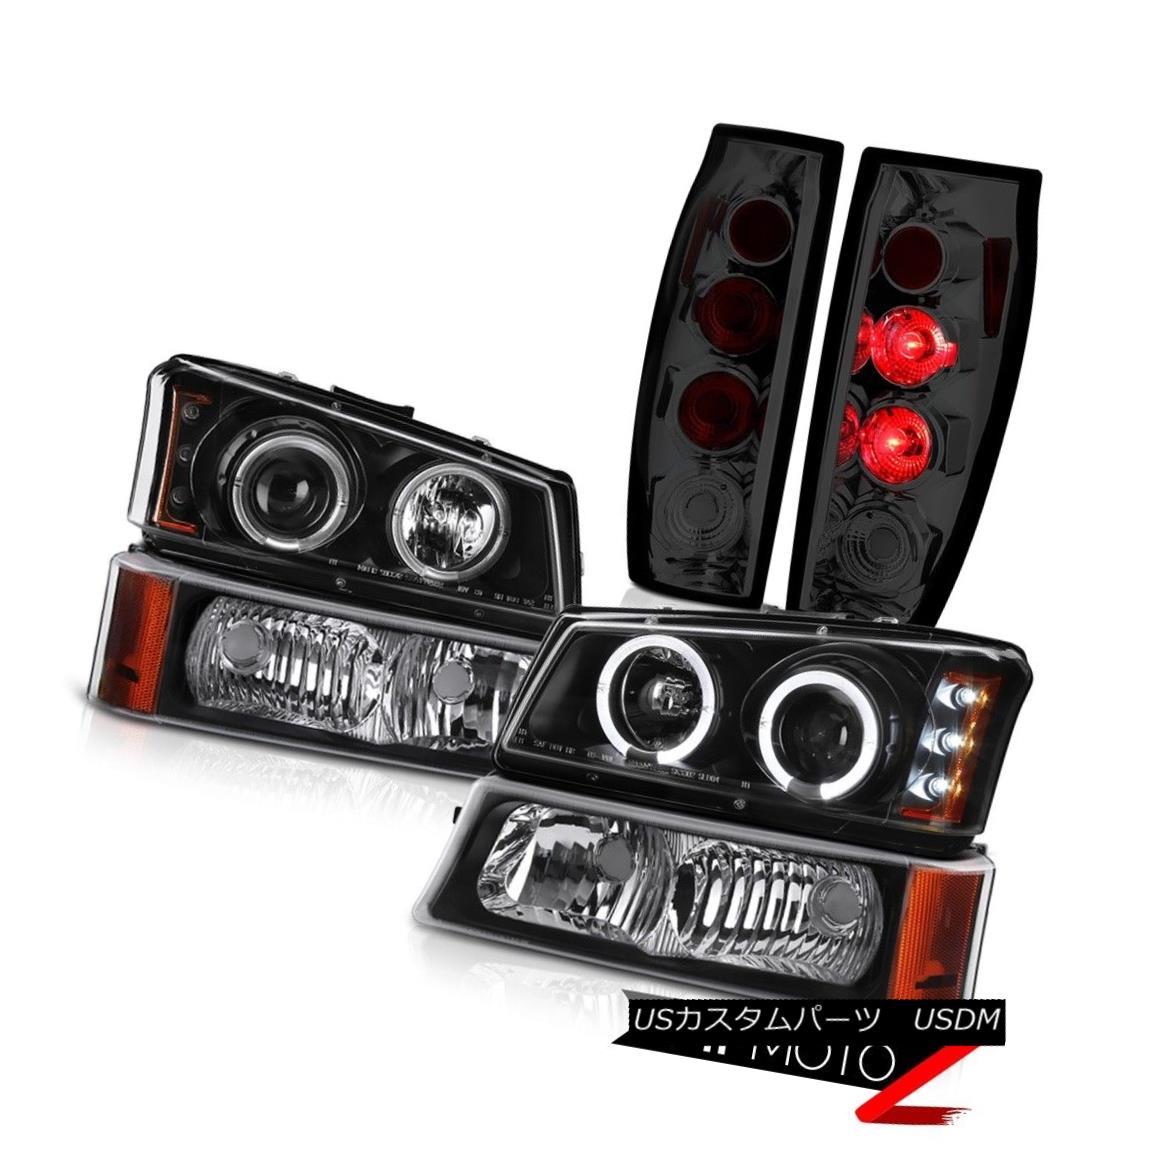 ヘッドライト 2003-2006 Avalanche 1500 Tail Brake Lights Raven Black Turn Signal Headlights 2003-2006雪崩1500テールブレーキライトレイブンブラックターンシグナルヘッドライト